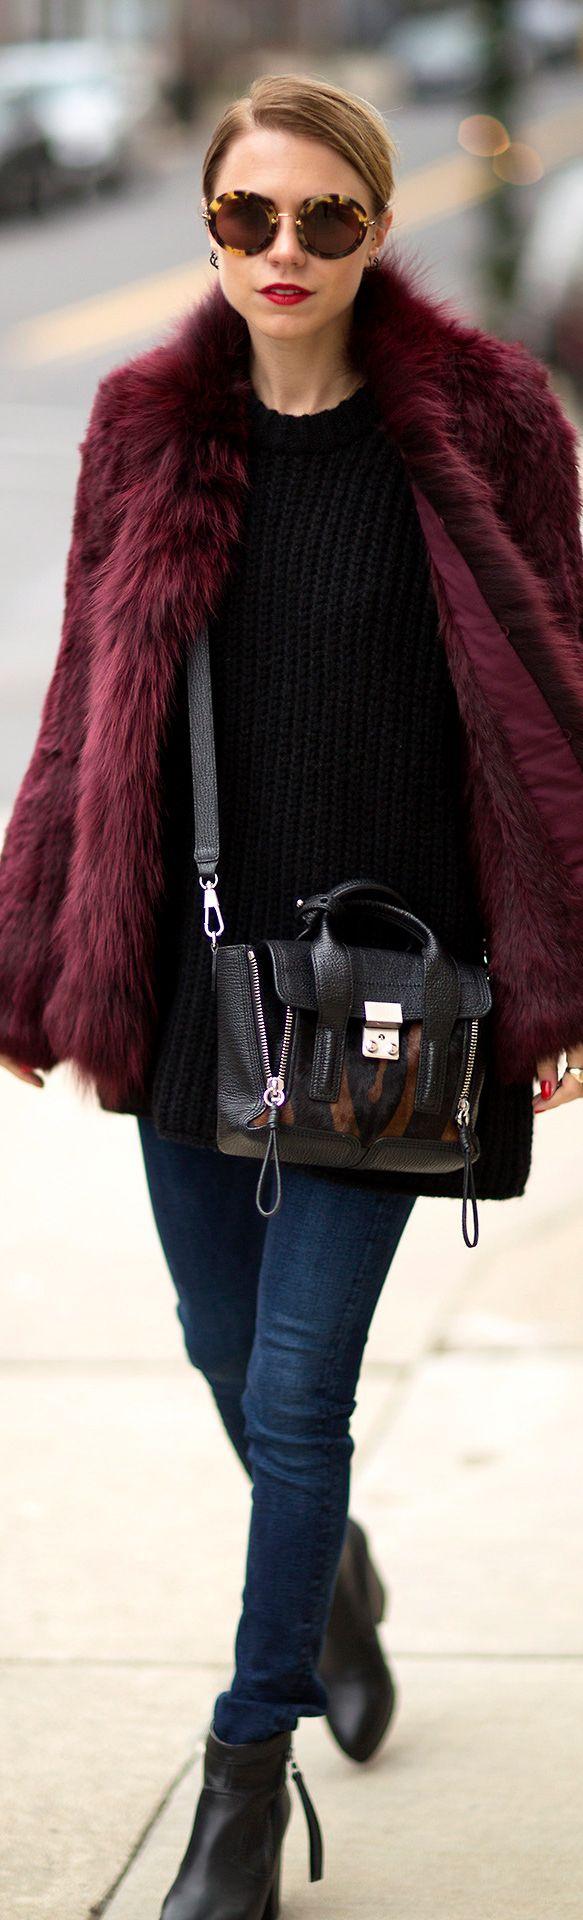 An Effortless Way To Wear A Faux Fur Coat